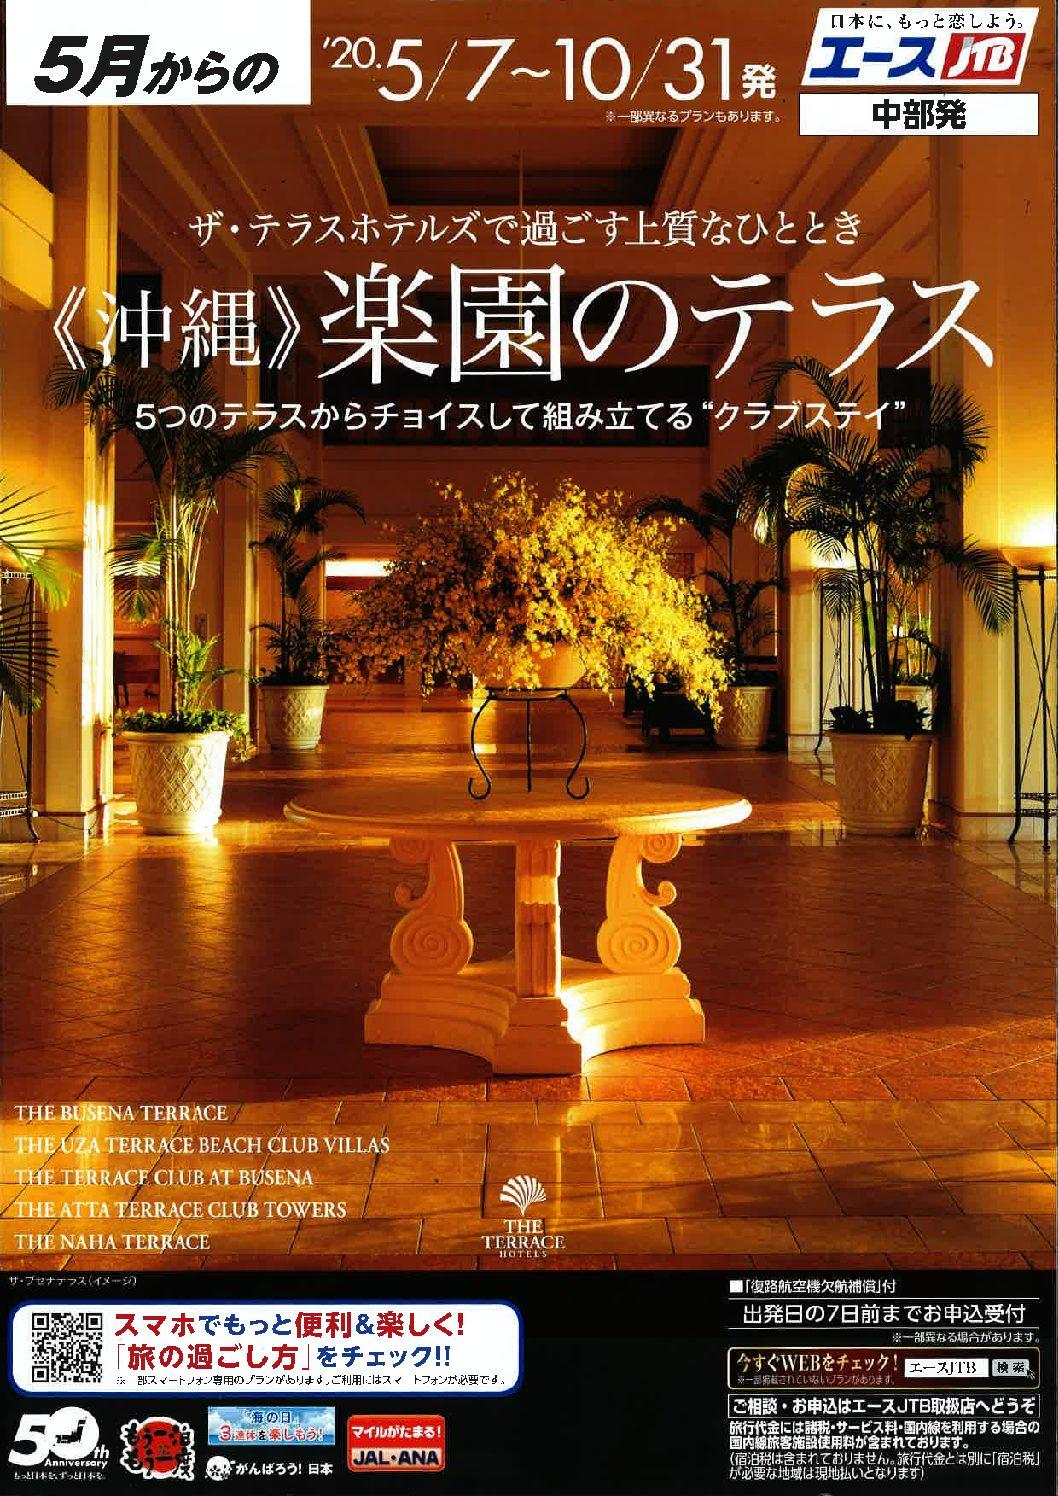 沖縄テラスホテルズ